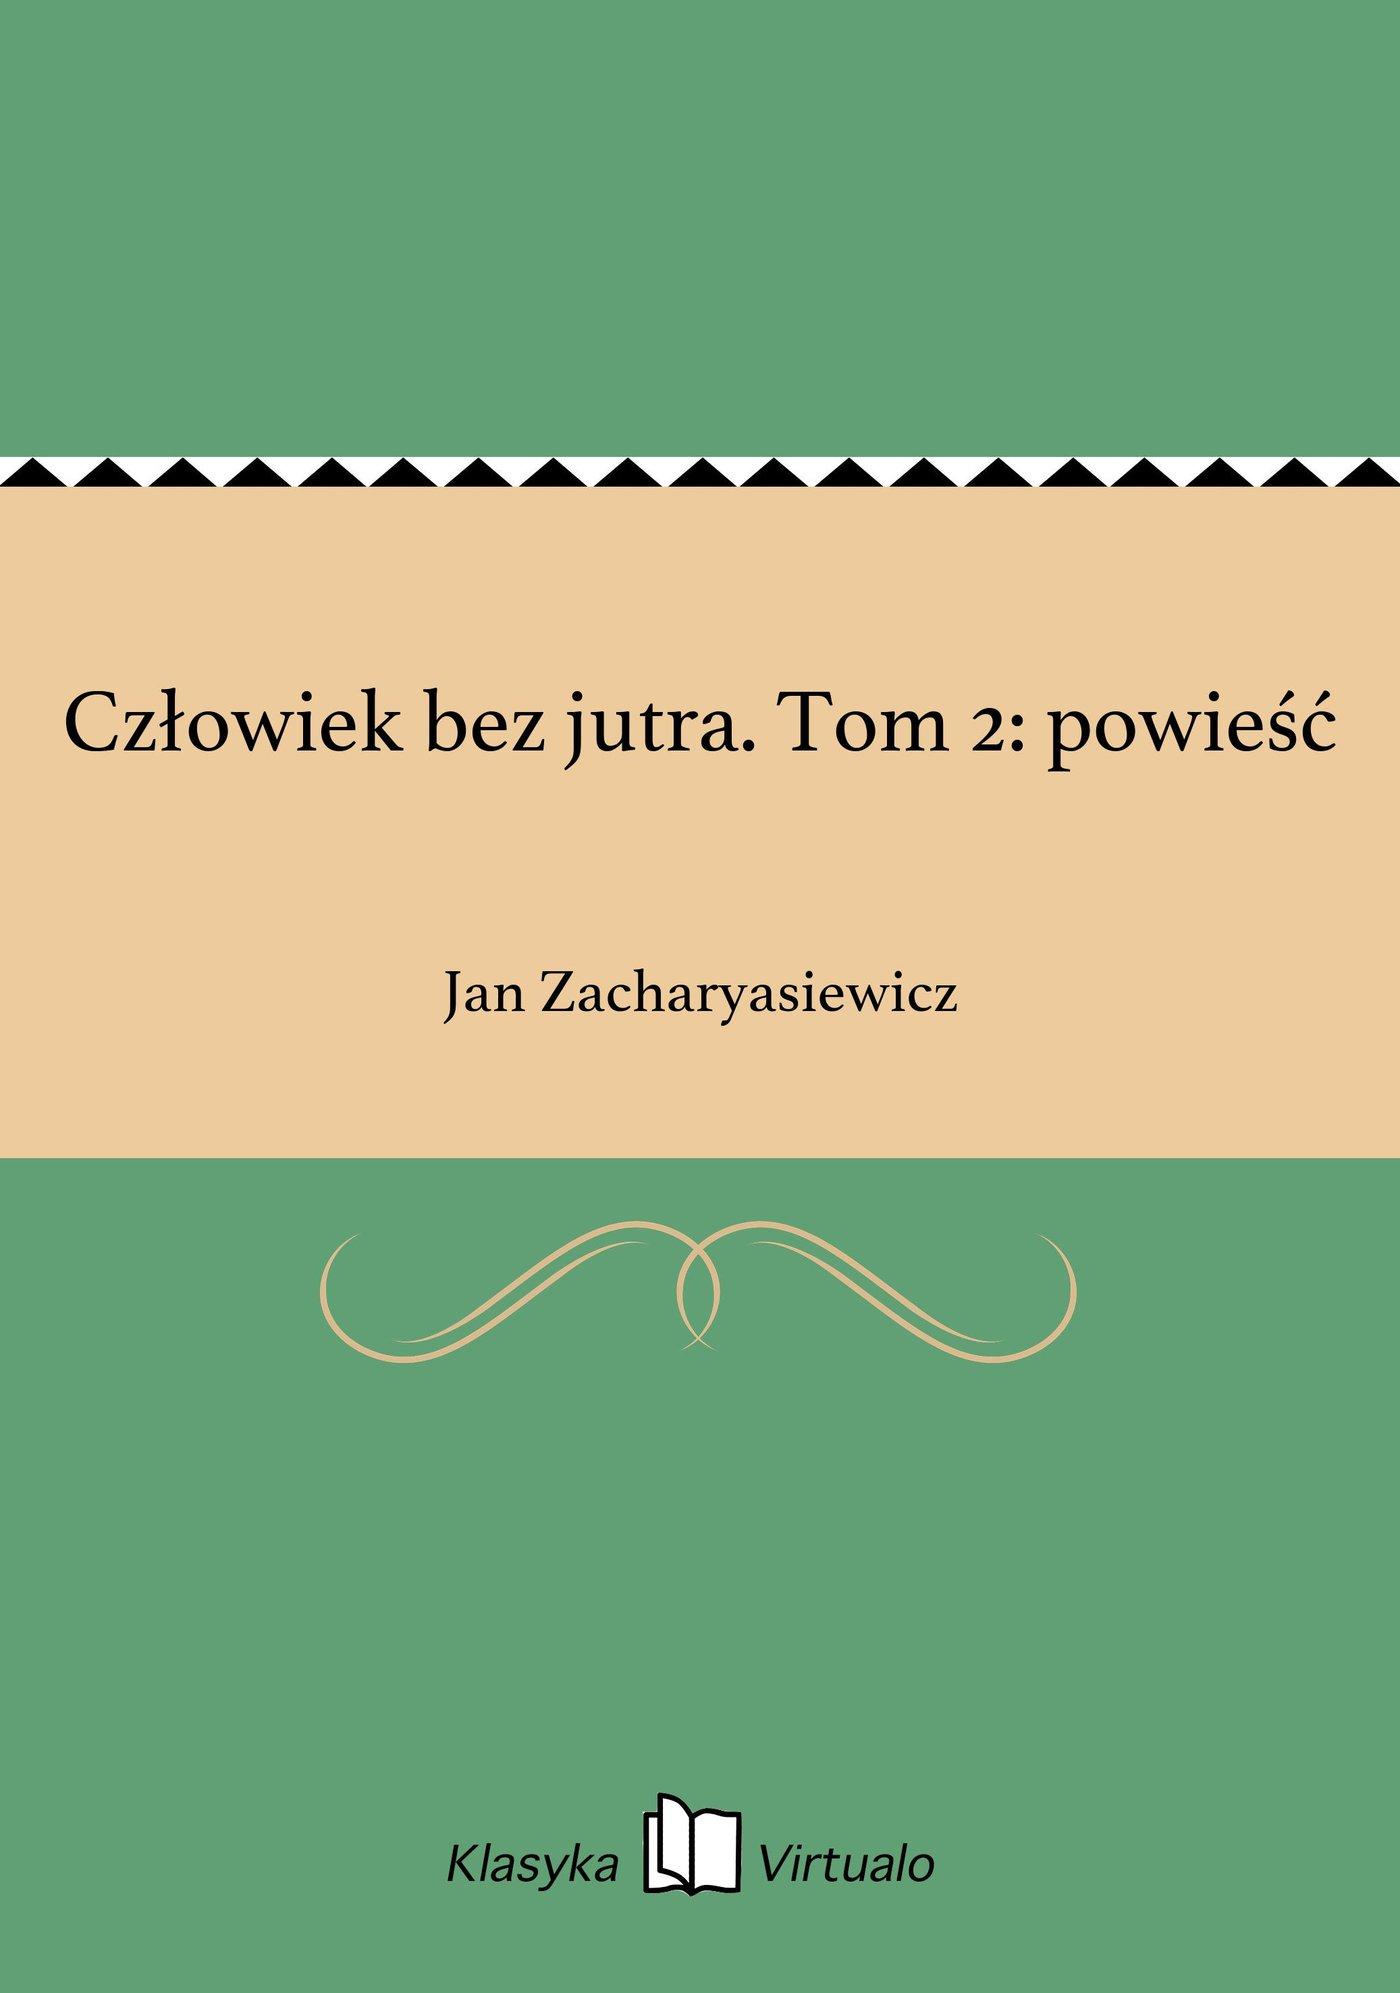 Człowiek bez jutra. Tom 2: powieść - Ebook (Książka EPUB) do pobrania w formacie EPUB